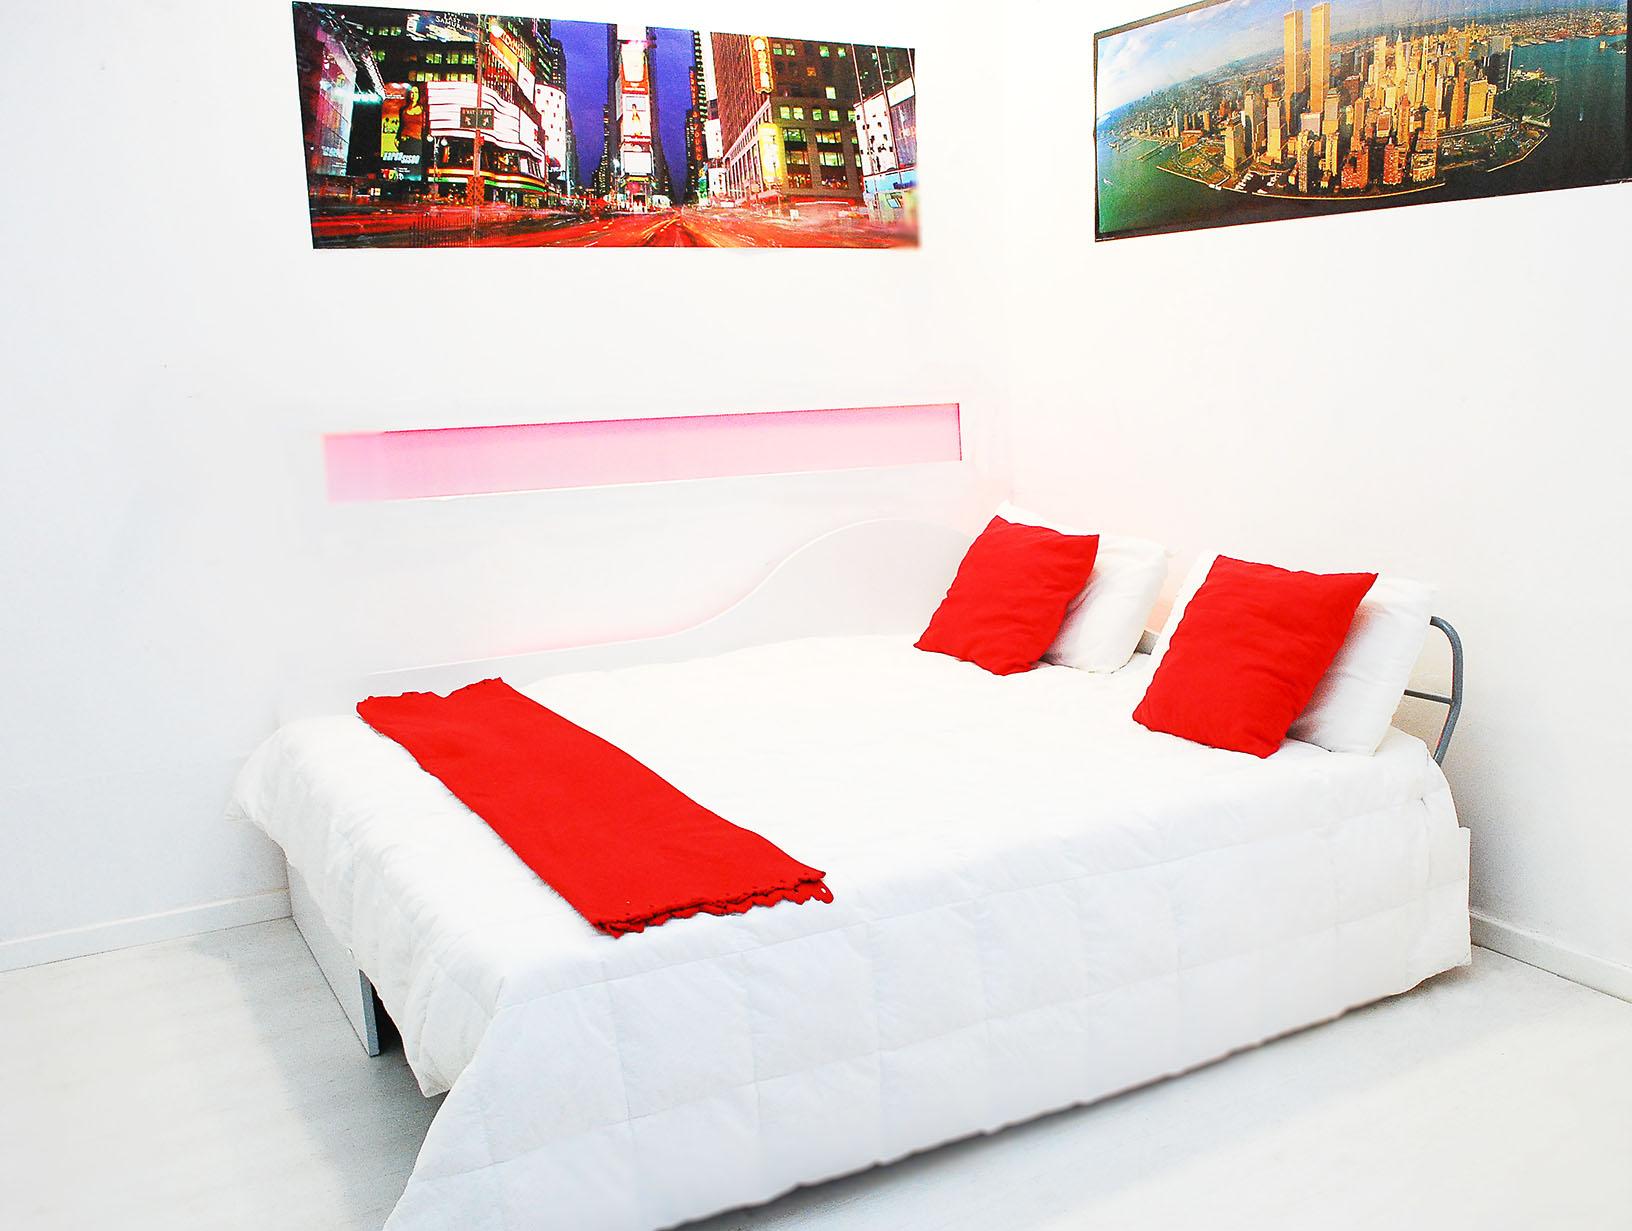 Divano letto estraibile matrimoniale dormeuse bed vivilospazio mobili trasformabili - Divano letto estraibile ...